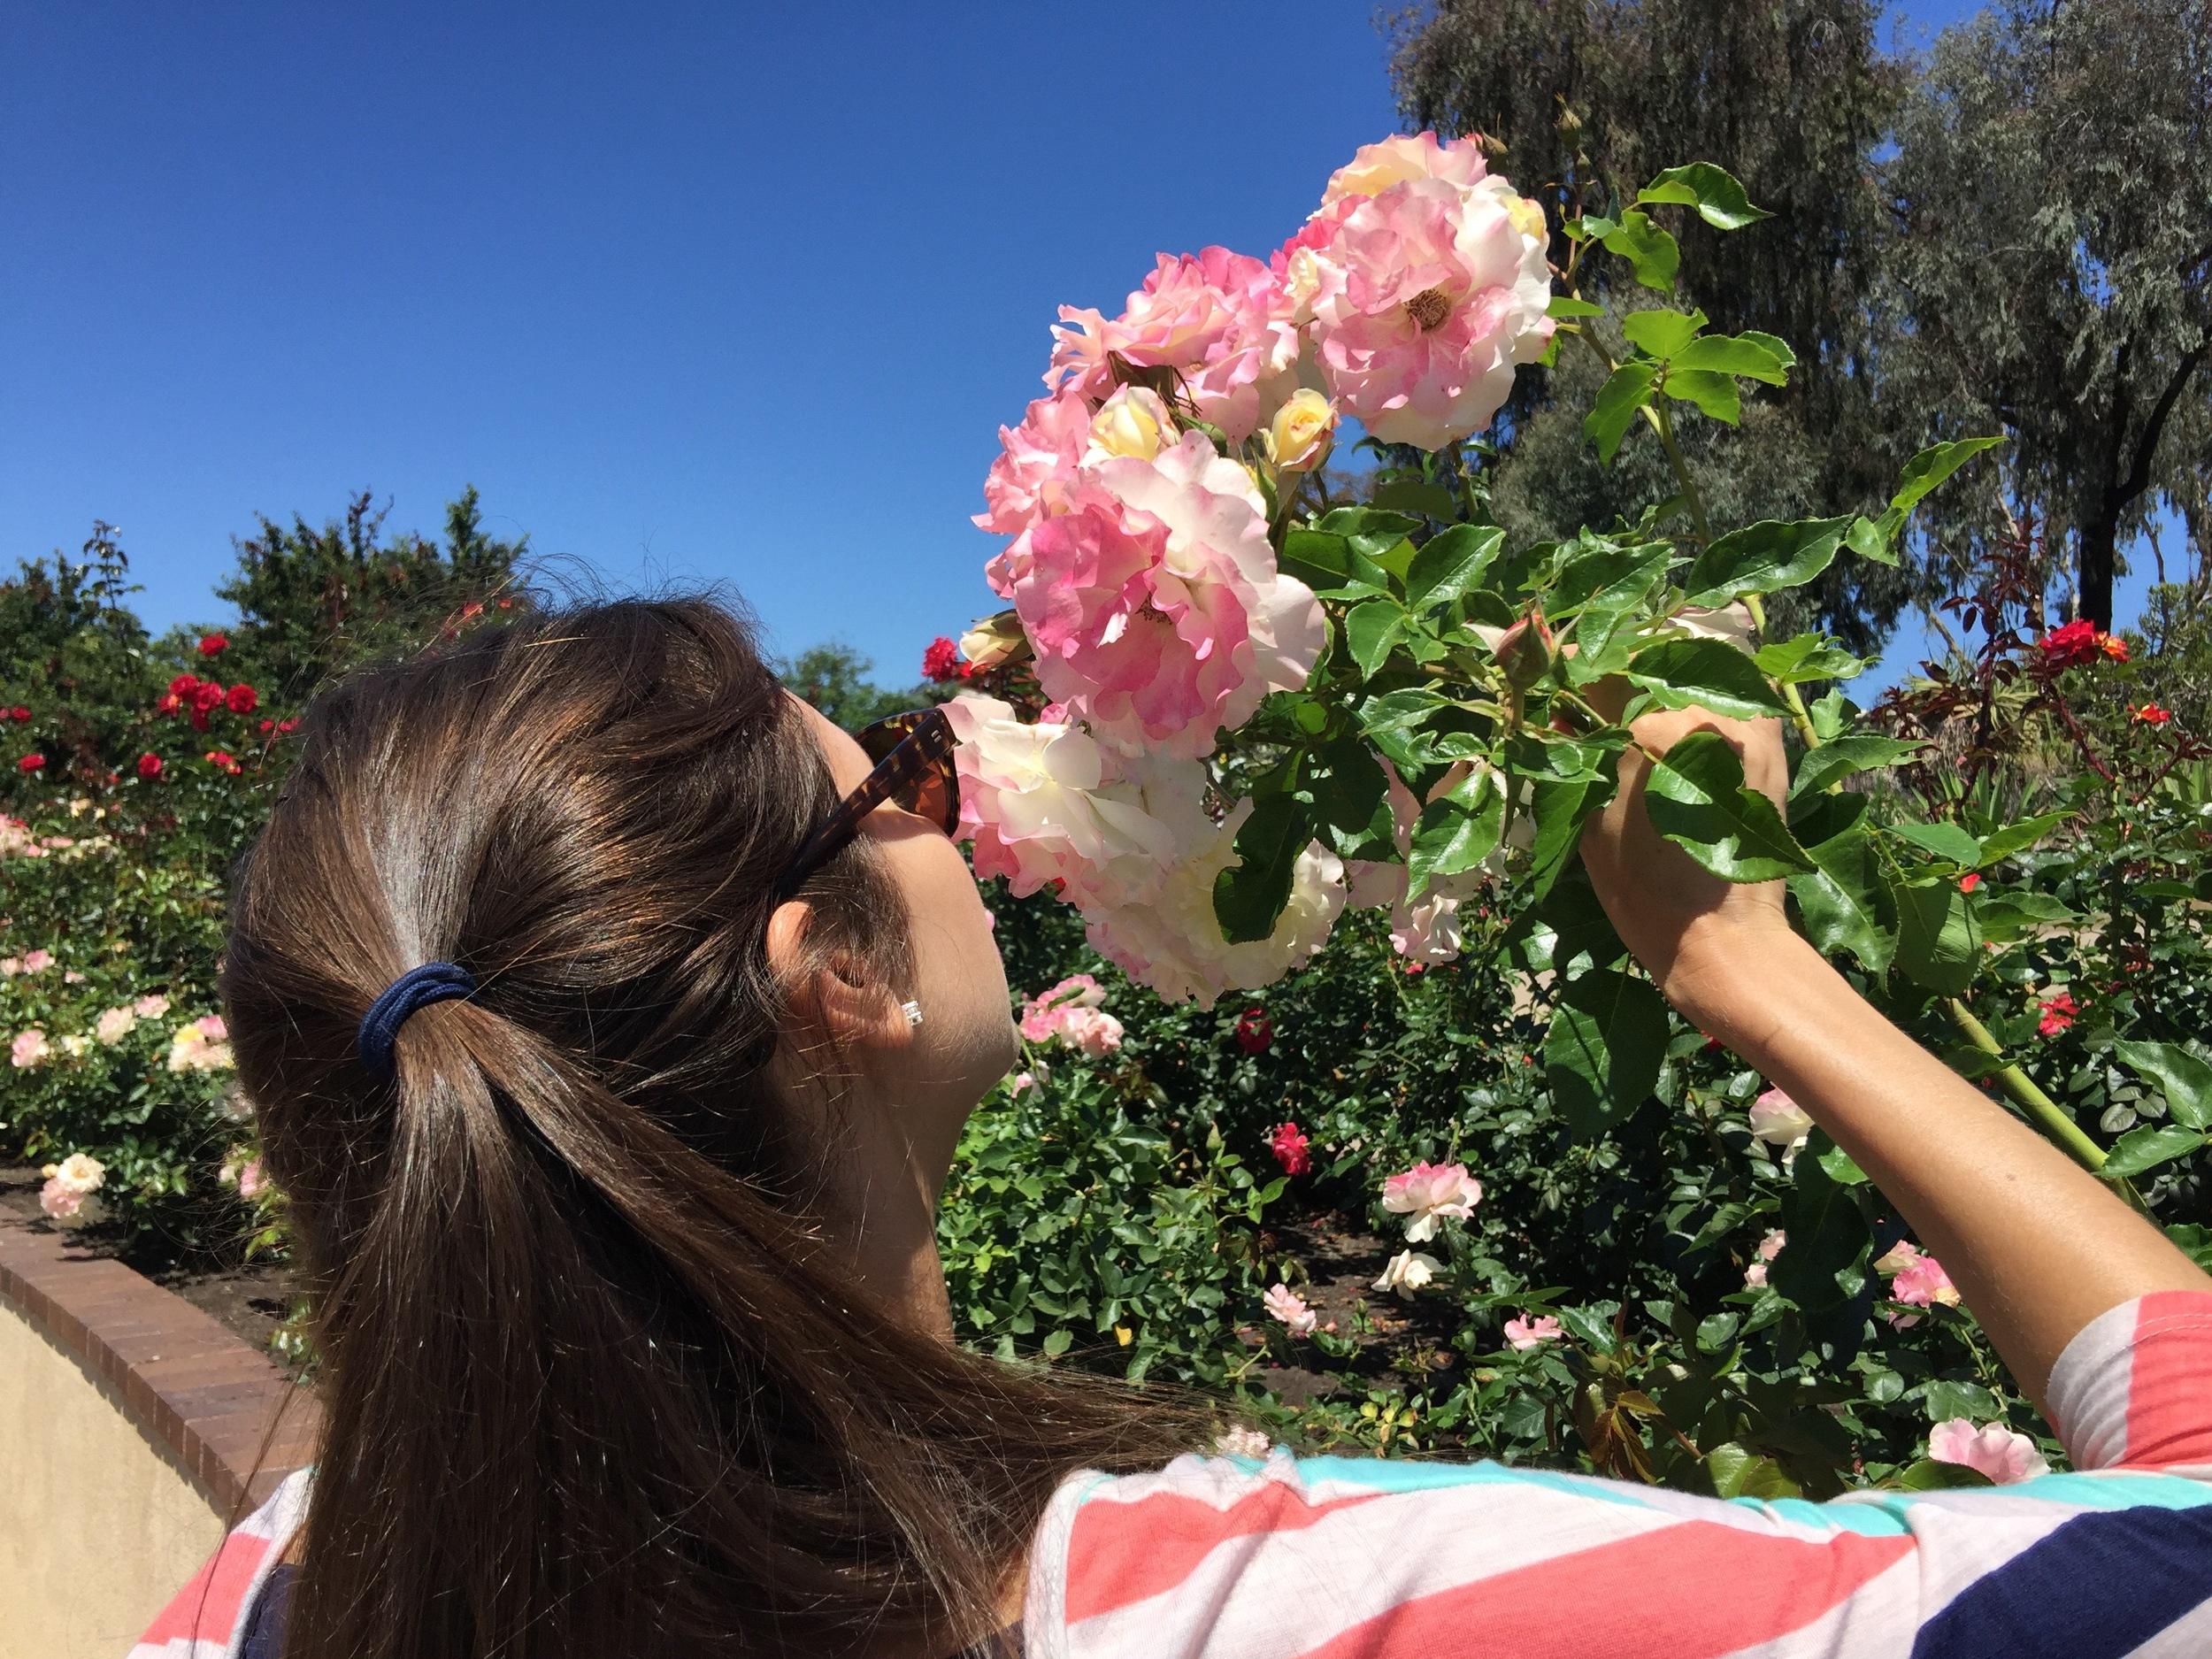 Tiffany at Balboa Park - San Diego